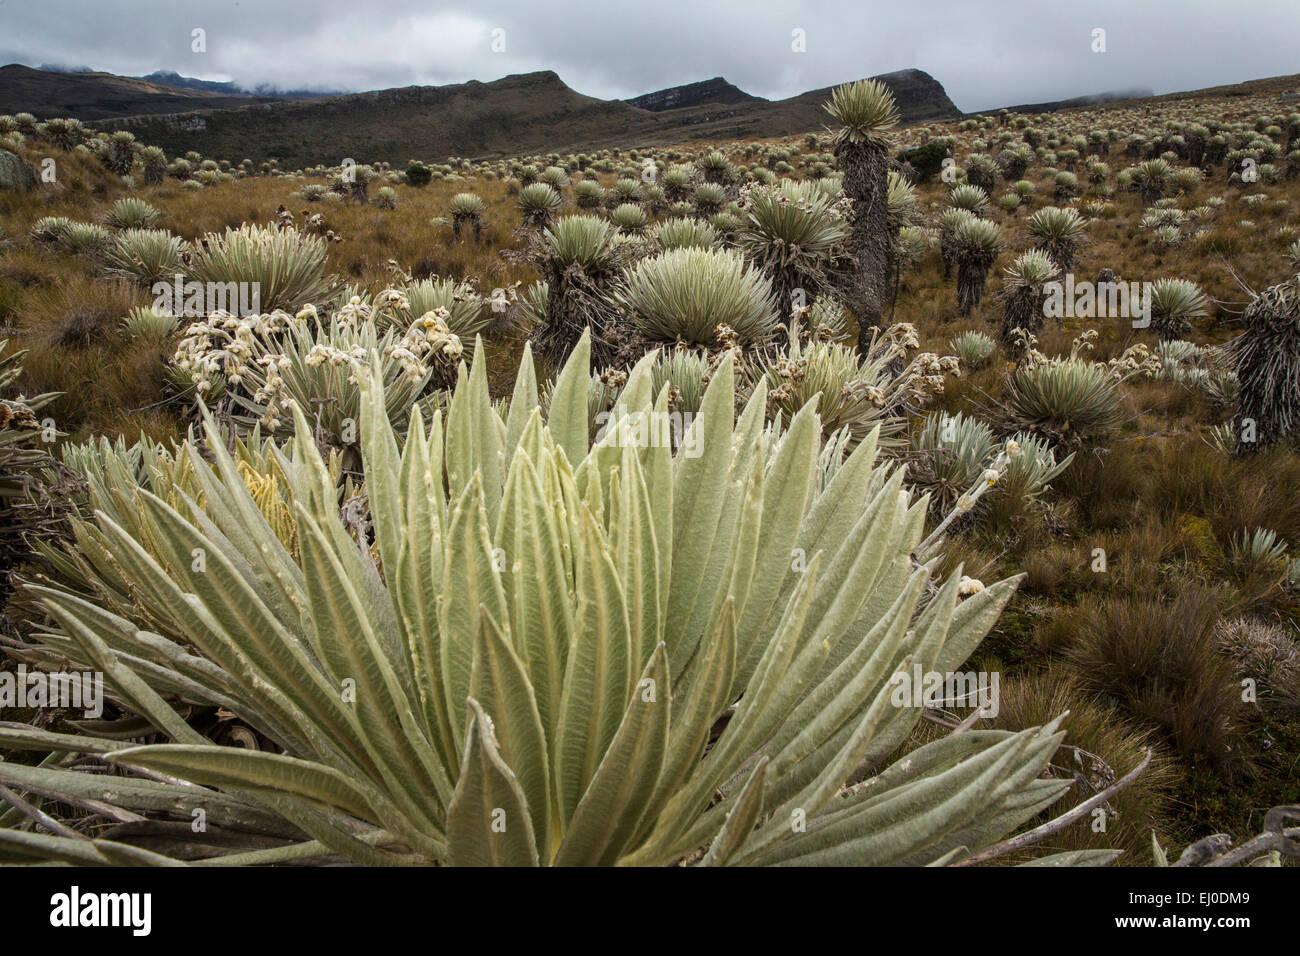 América del Sur, América Latina, Colombia, naturaleza, Sumapaz, parque nacional, plantas, vegetación, Imagen De Stock